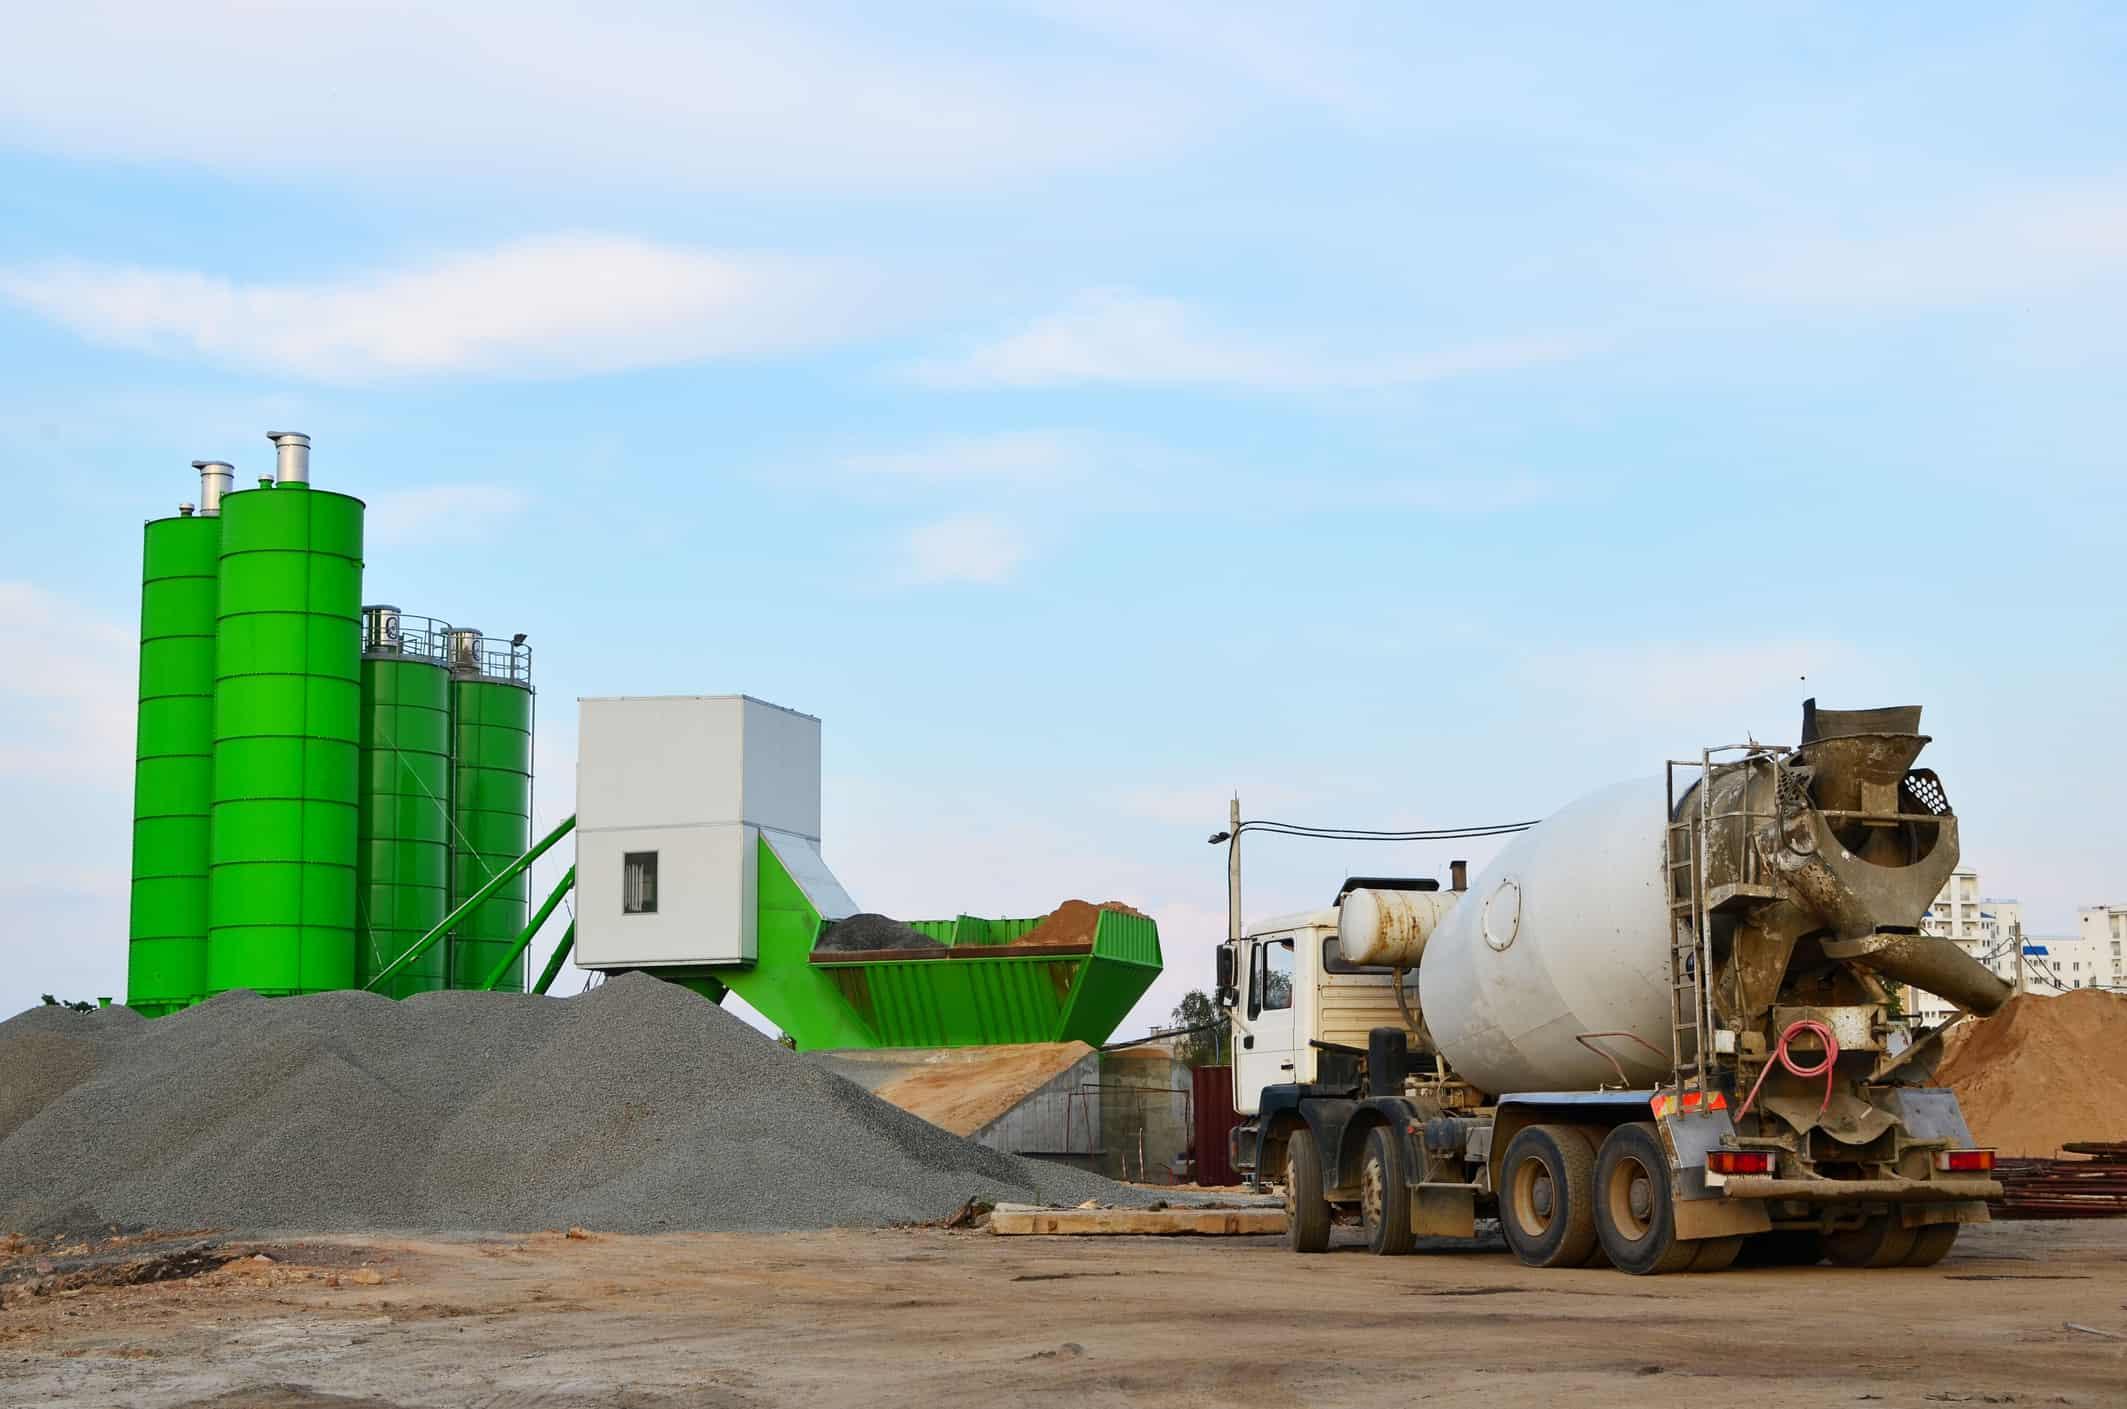 Concrete batching plant. Industrial producing concrete for construction. Heavy mixer concrete trucks